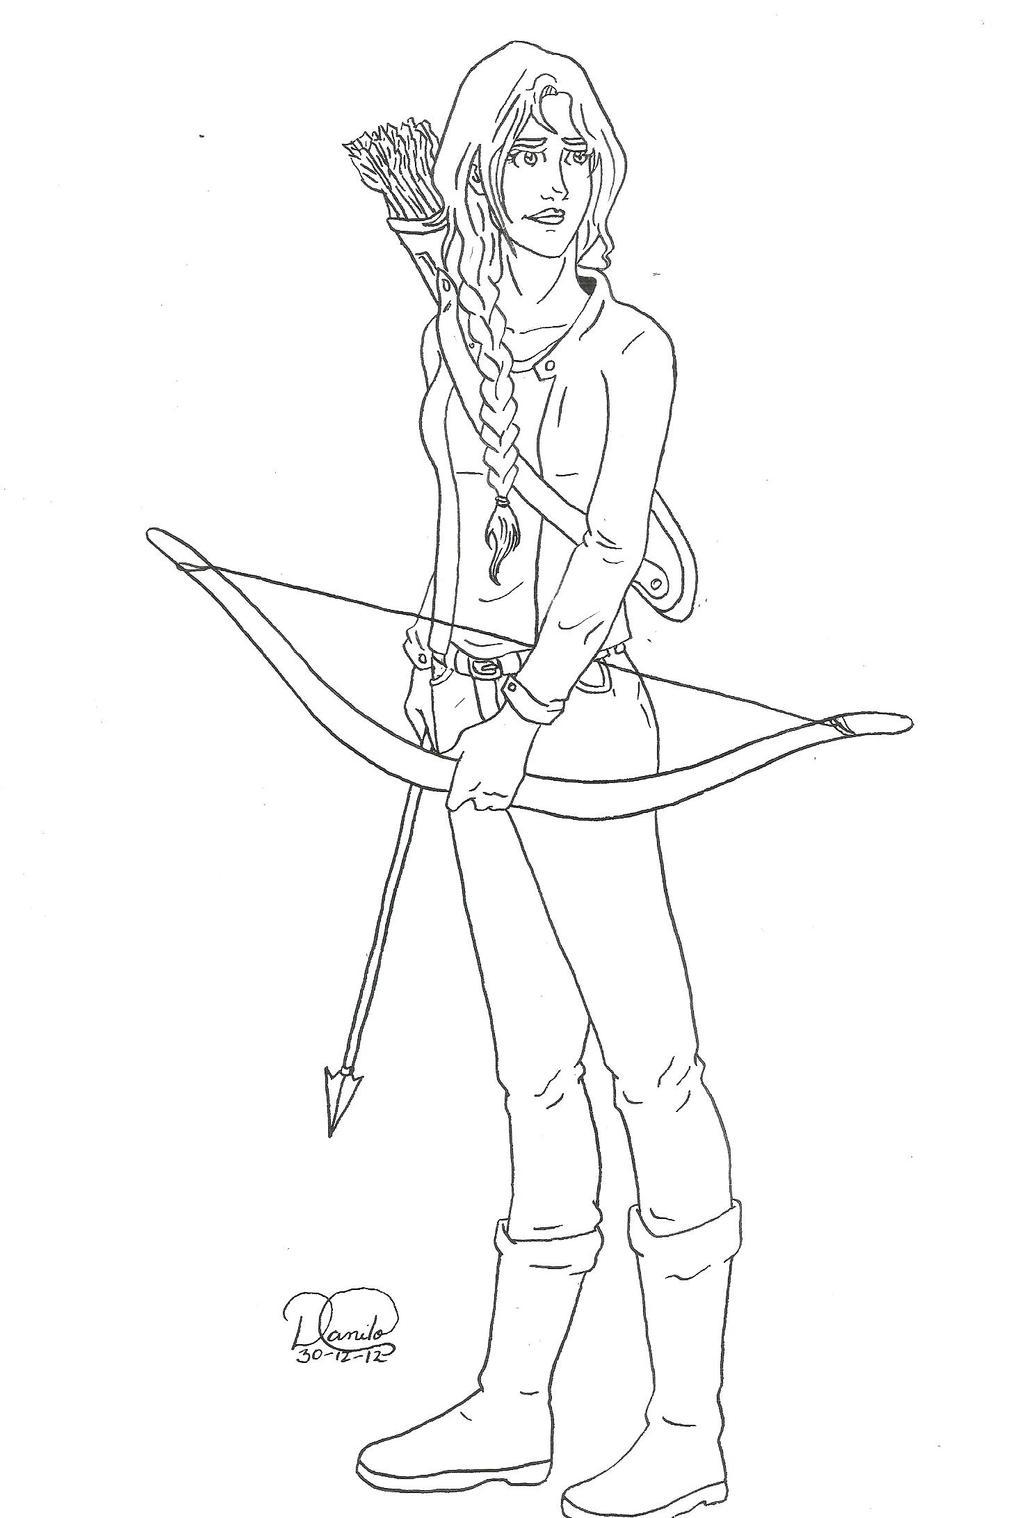 katniss everdeen by thewandmaker on deviantart